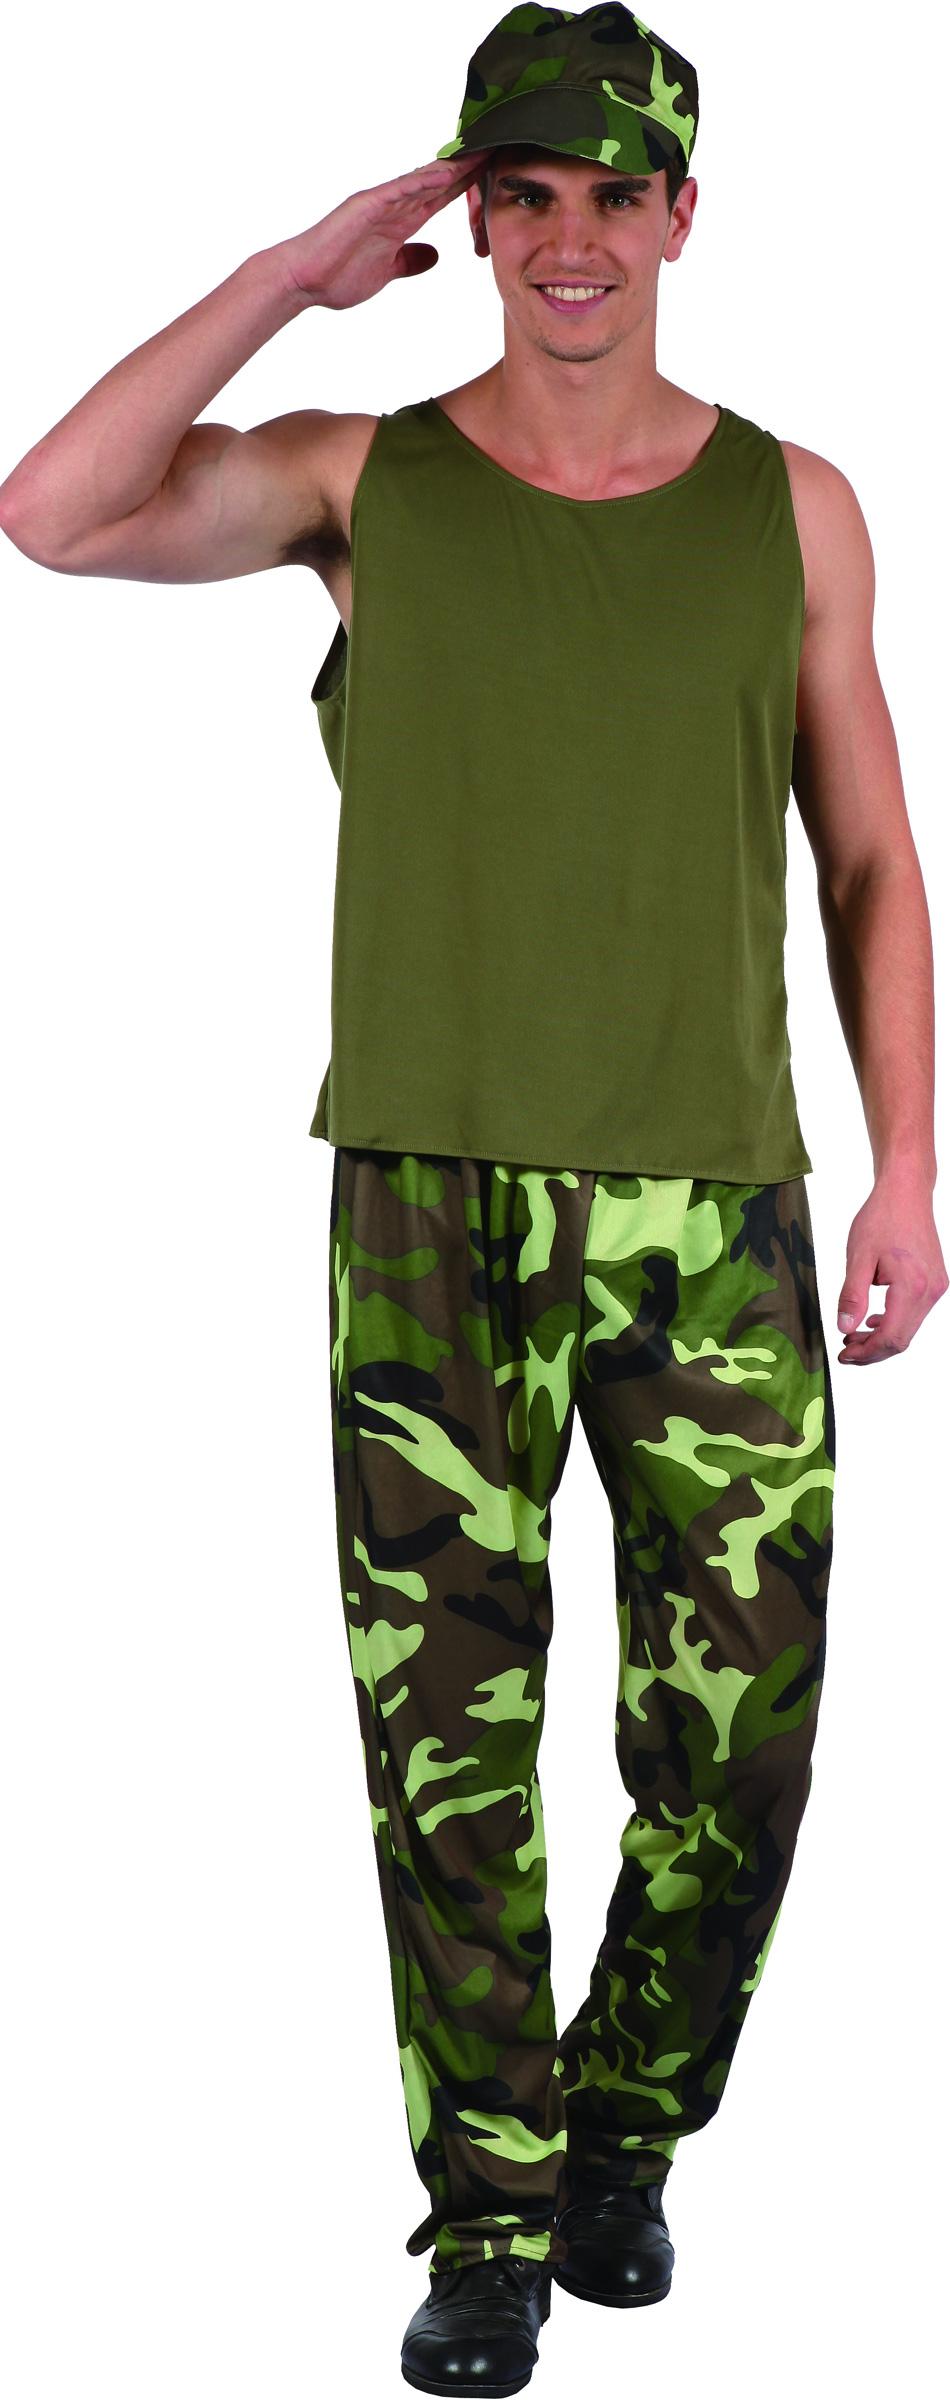 d guisement militaire adulte tenue camoufl e. Black Bedroom Furniture Sets. Home Design Ideas